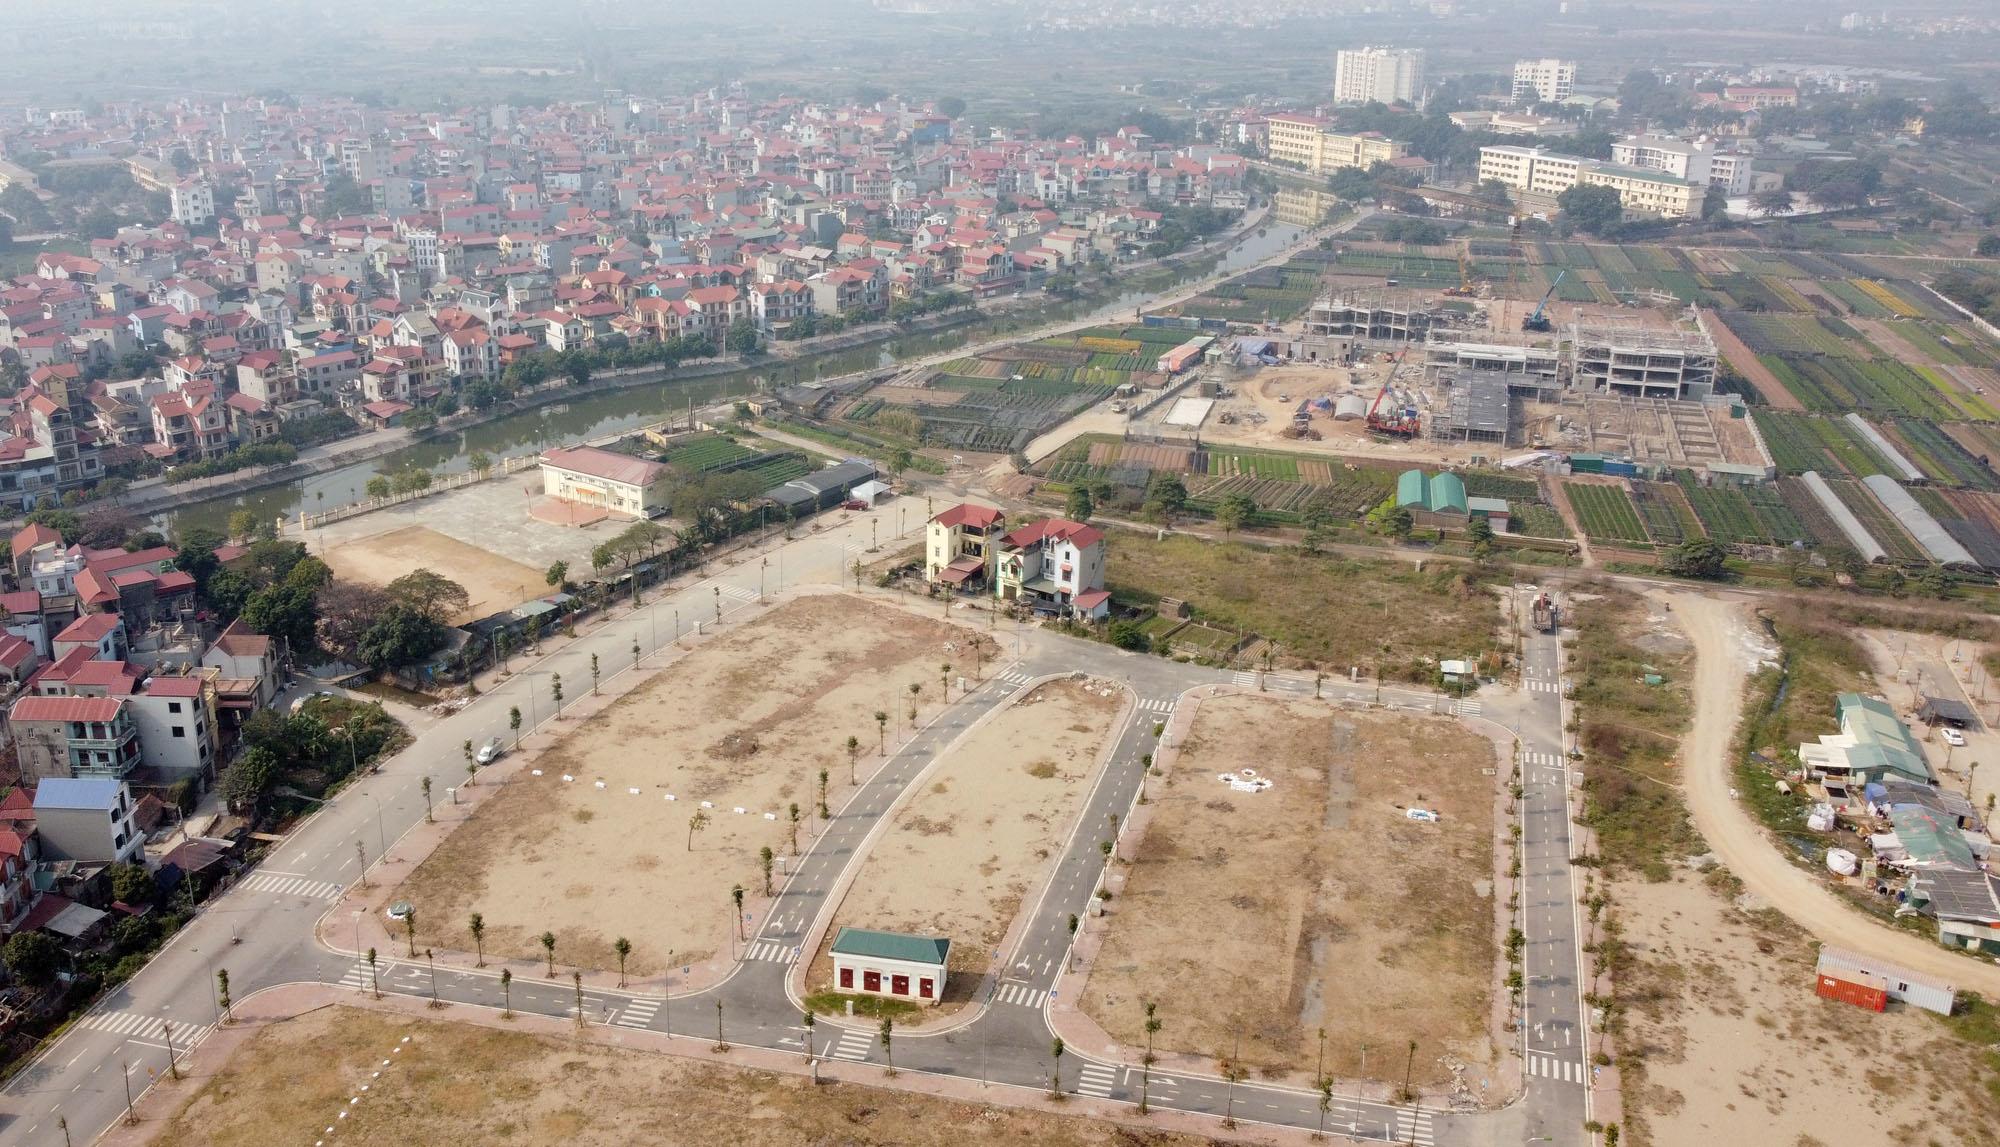 Bộ TN&MT thanh tra việc phân lô, bán nền bát nháo ở Khánh Hòa - Ảnh 1.